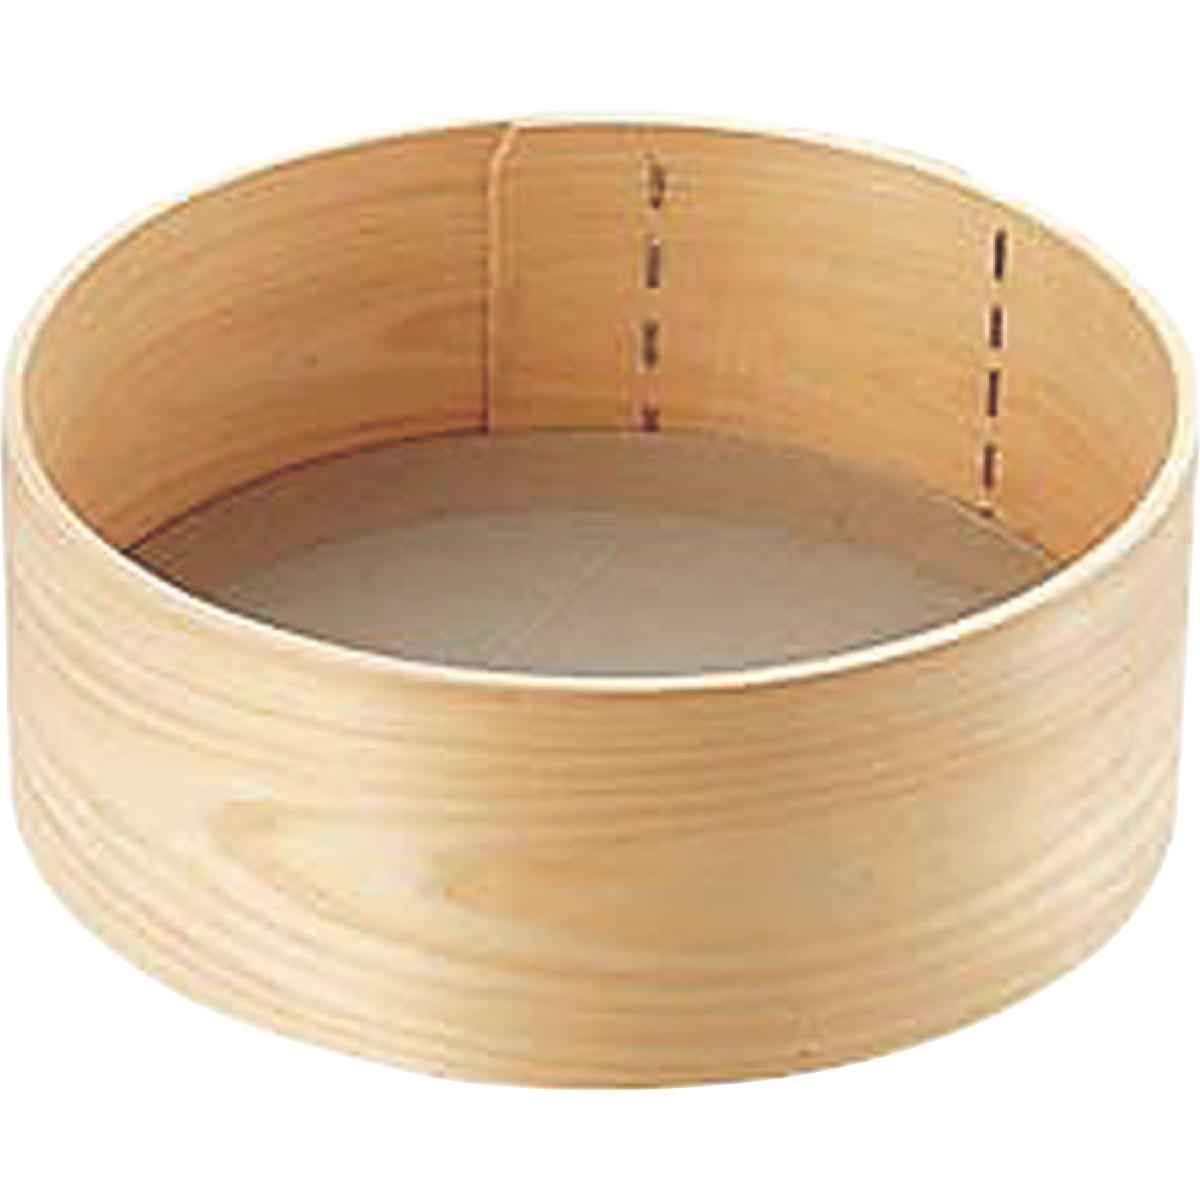 新品未使用 裏ごし器 裏ごし うらごし 濾し器 こしき 木枠 木枠ST張り粉フルイ 9寸 燕三条 ナイロン プレゼント 日本製 業務用